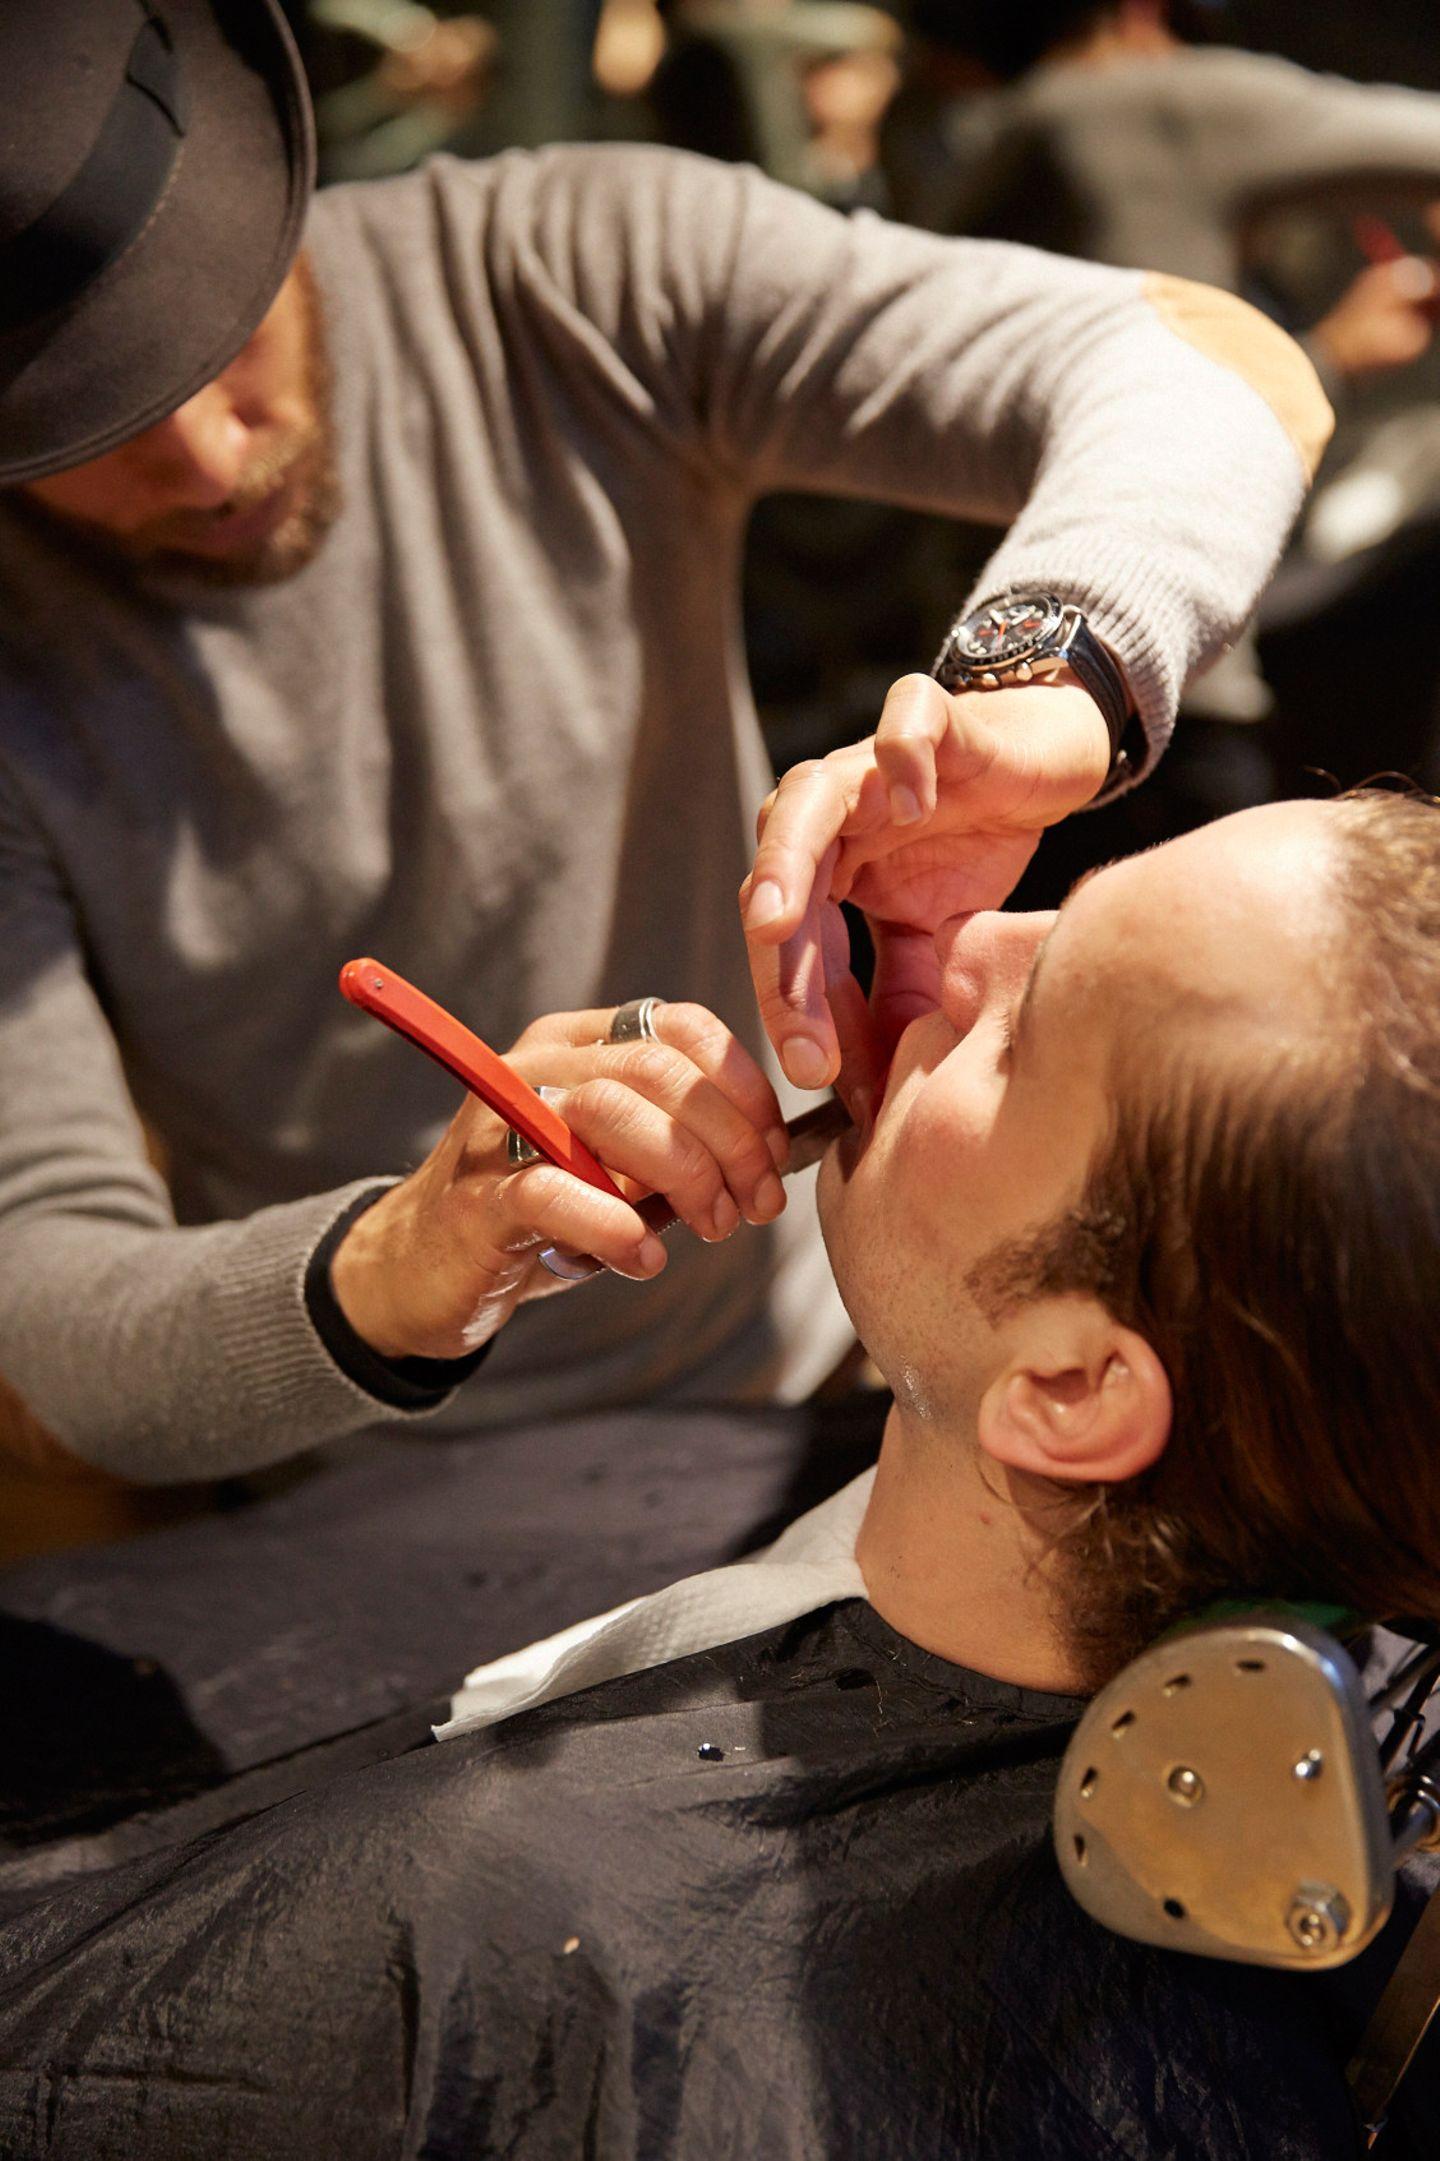 Für den perfekten Schliff des Oberlippenbartes sorgt das Rasiermesser. Mit ihm setzen Styling-Profis wie Will ganz präzise Konturen